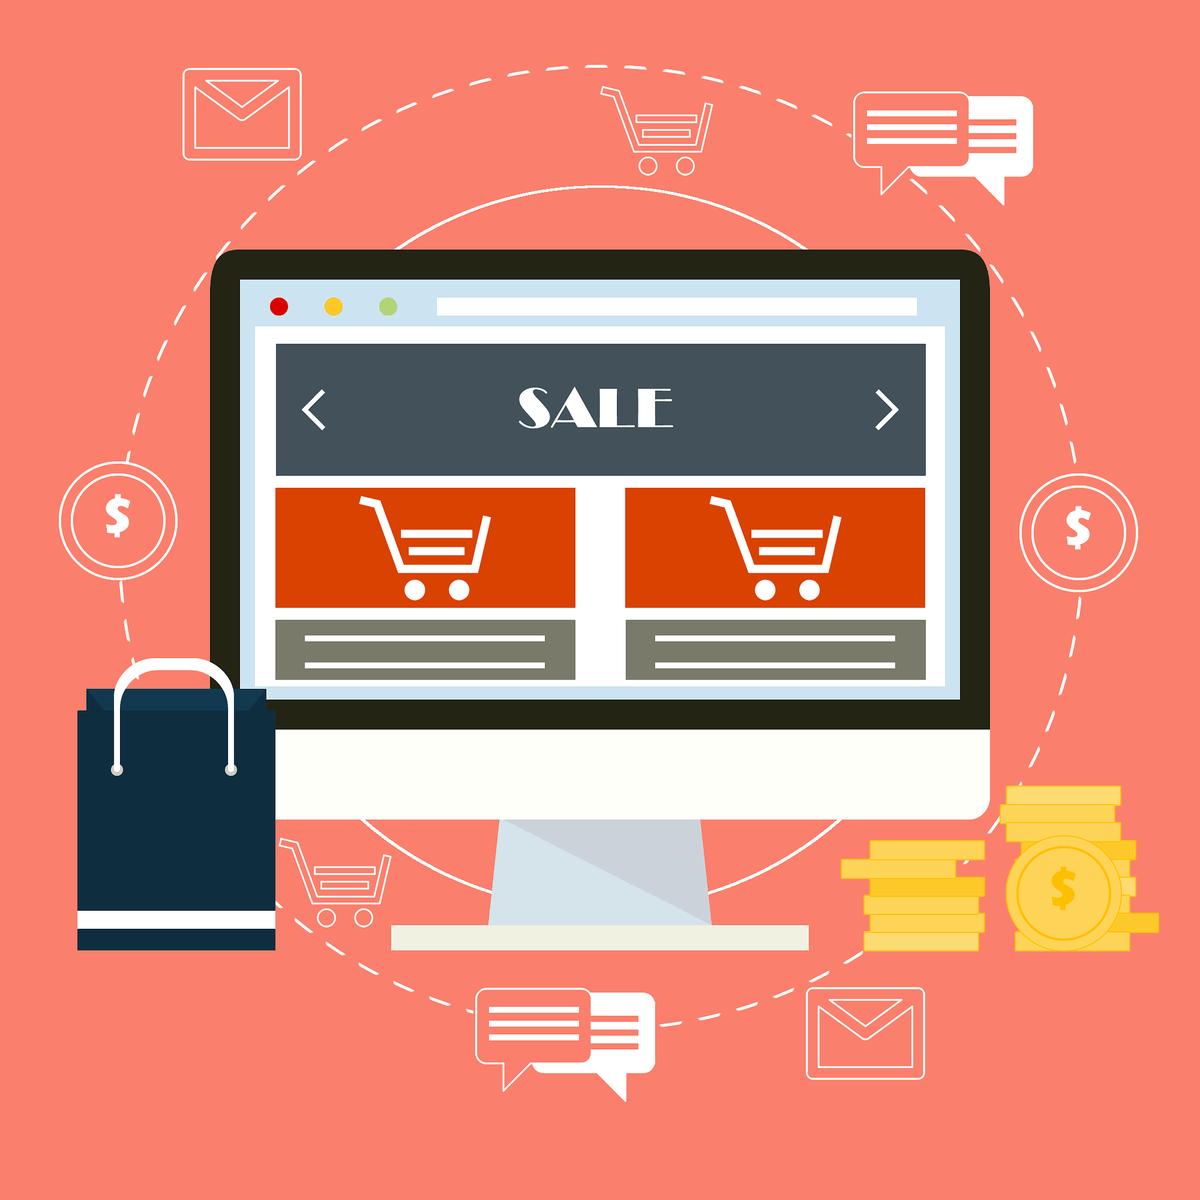 gruenderkueche-2018-e-commerce-amazon-shop-eroeffnen-anleitung